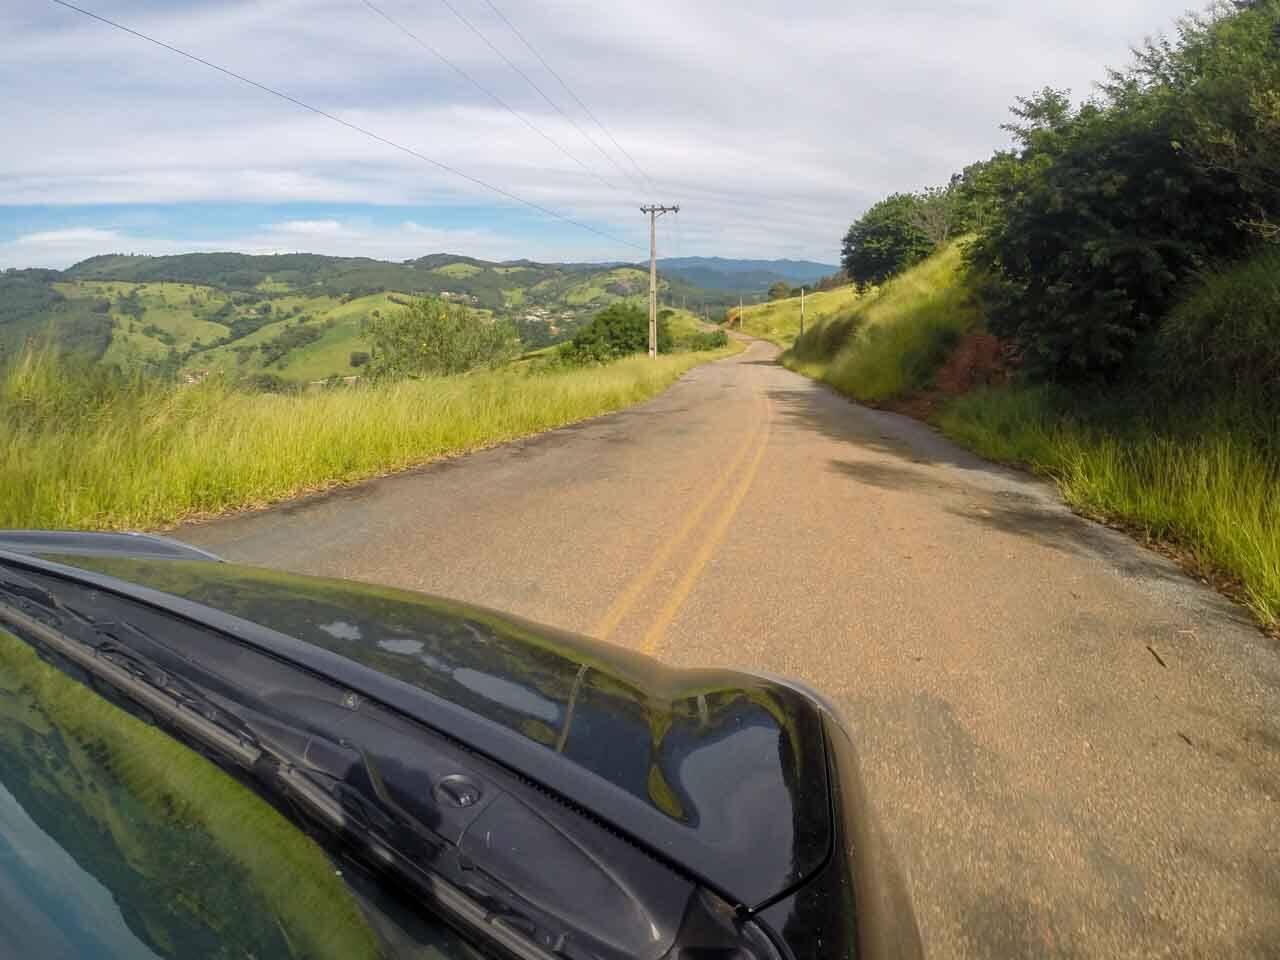 Aluguel de carro para viagens no Brasil e mundo.